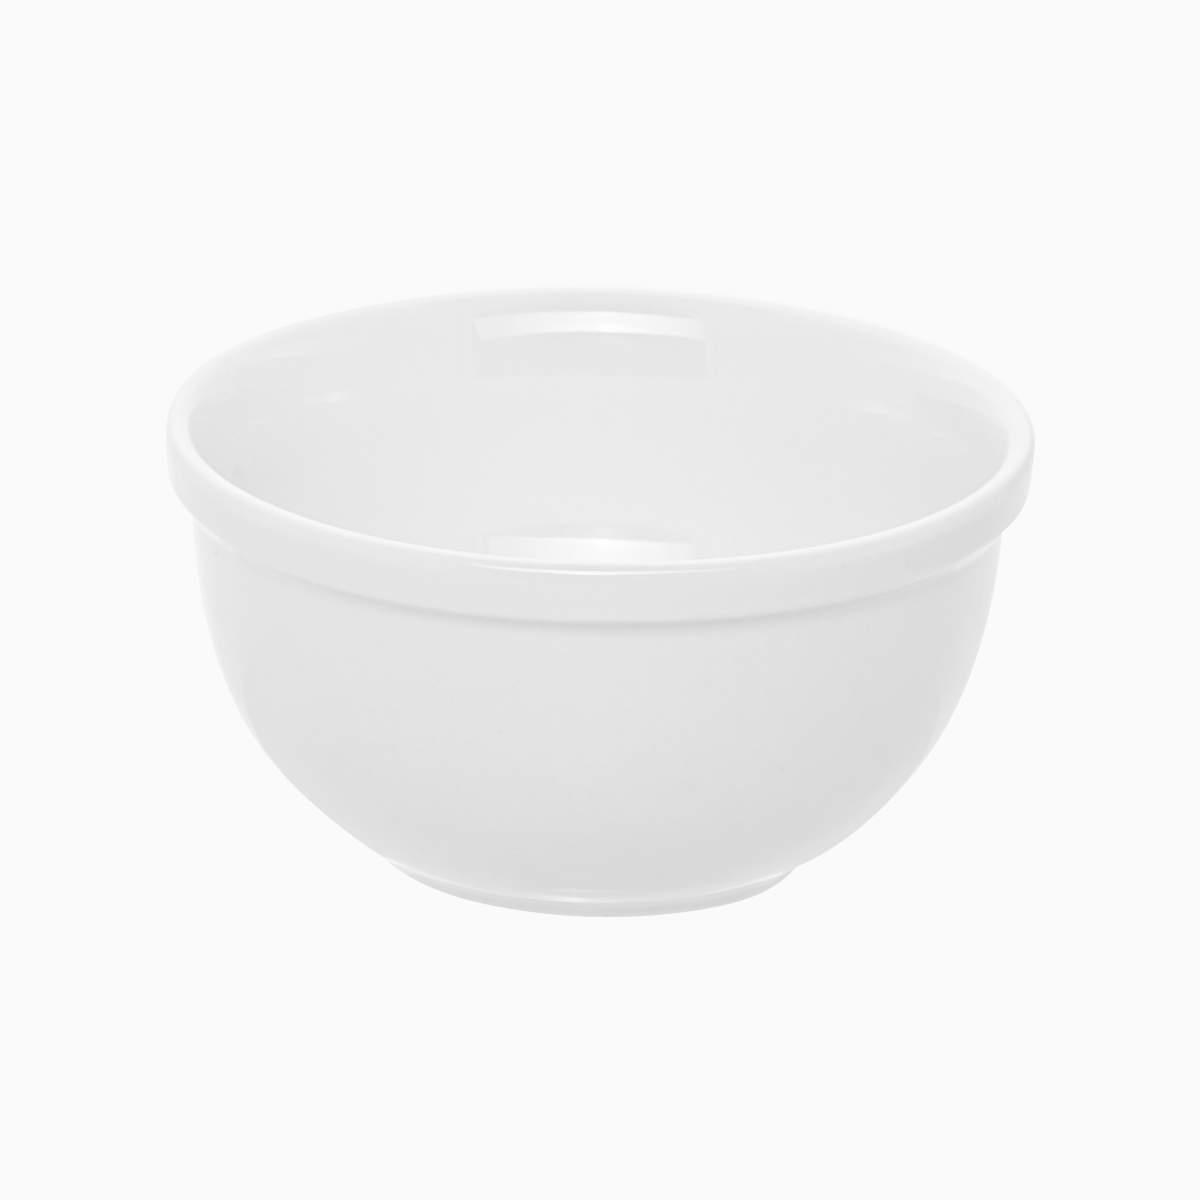 Bowl Round